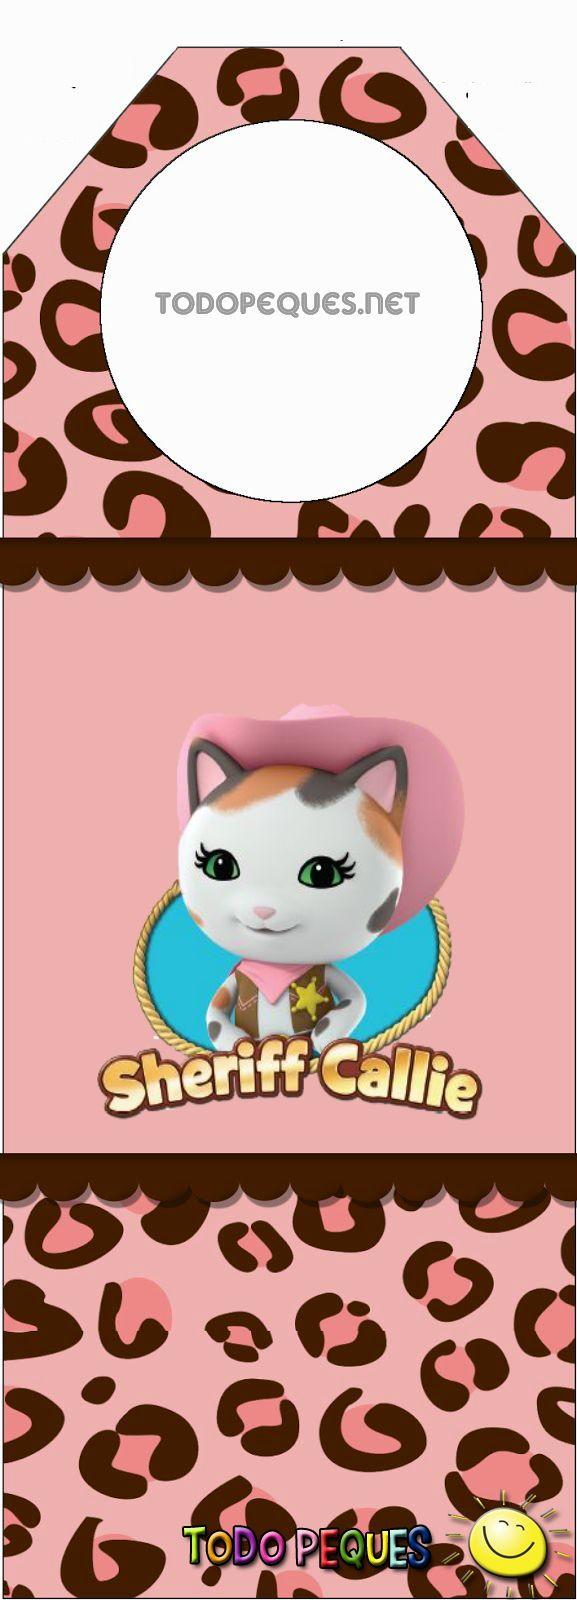 Nuevo kit imprimible que contiene muchos diseños para lograr una mágica decoración en ocasión de celebrar el cumpleaños de las más pequeñas de la familia con temática de Sheriff Callie´s. Cajitas p…